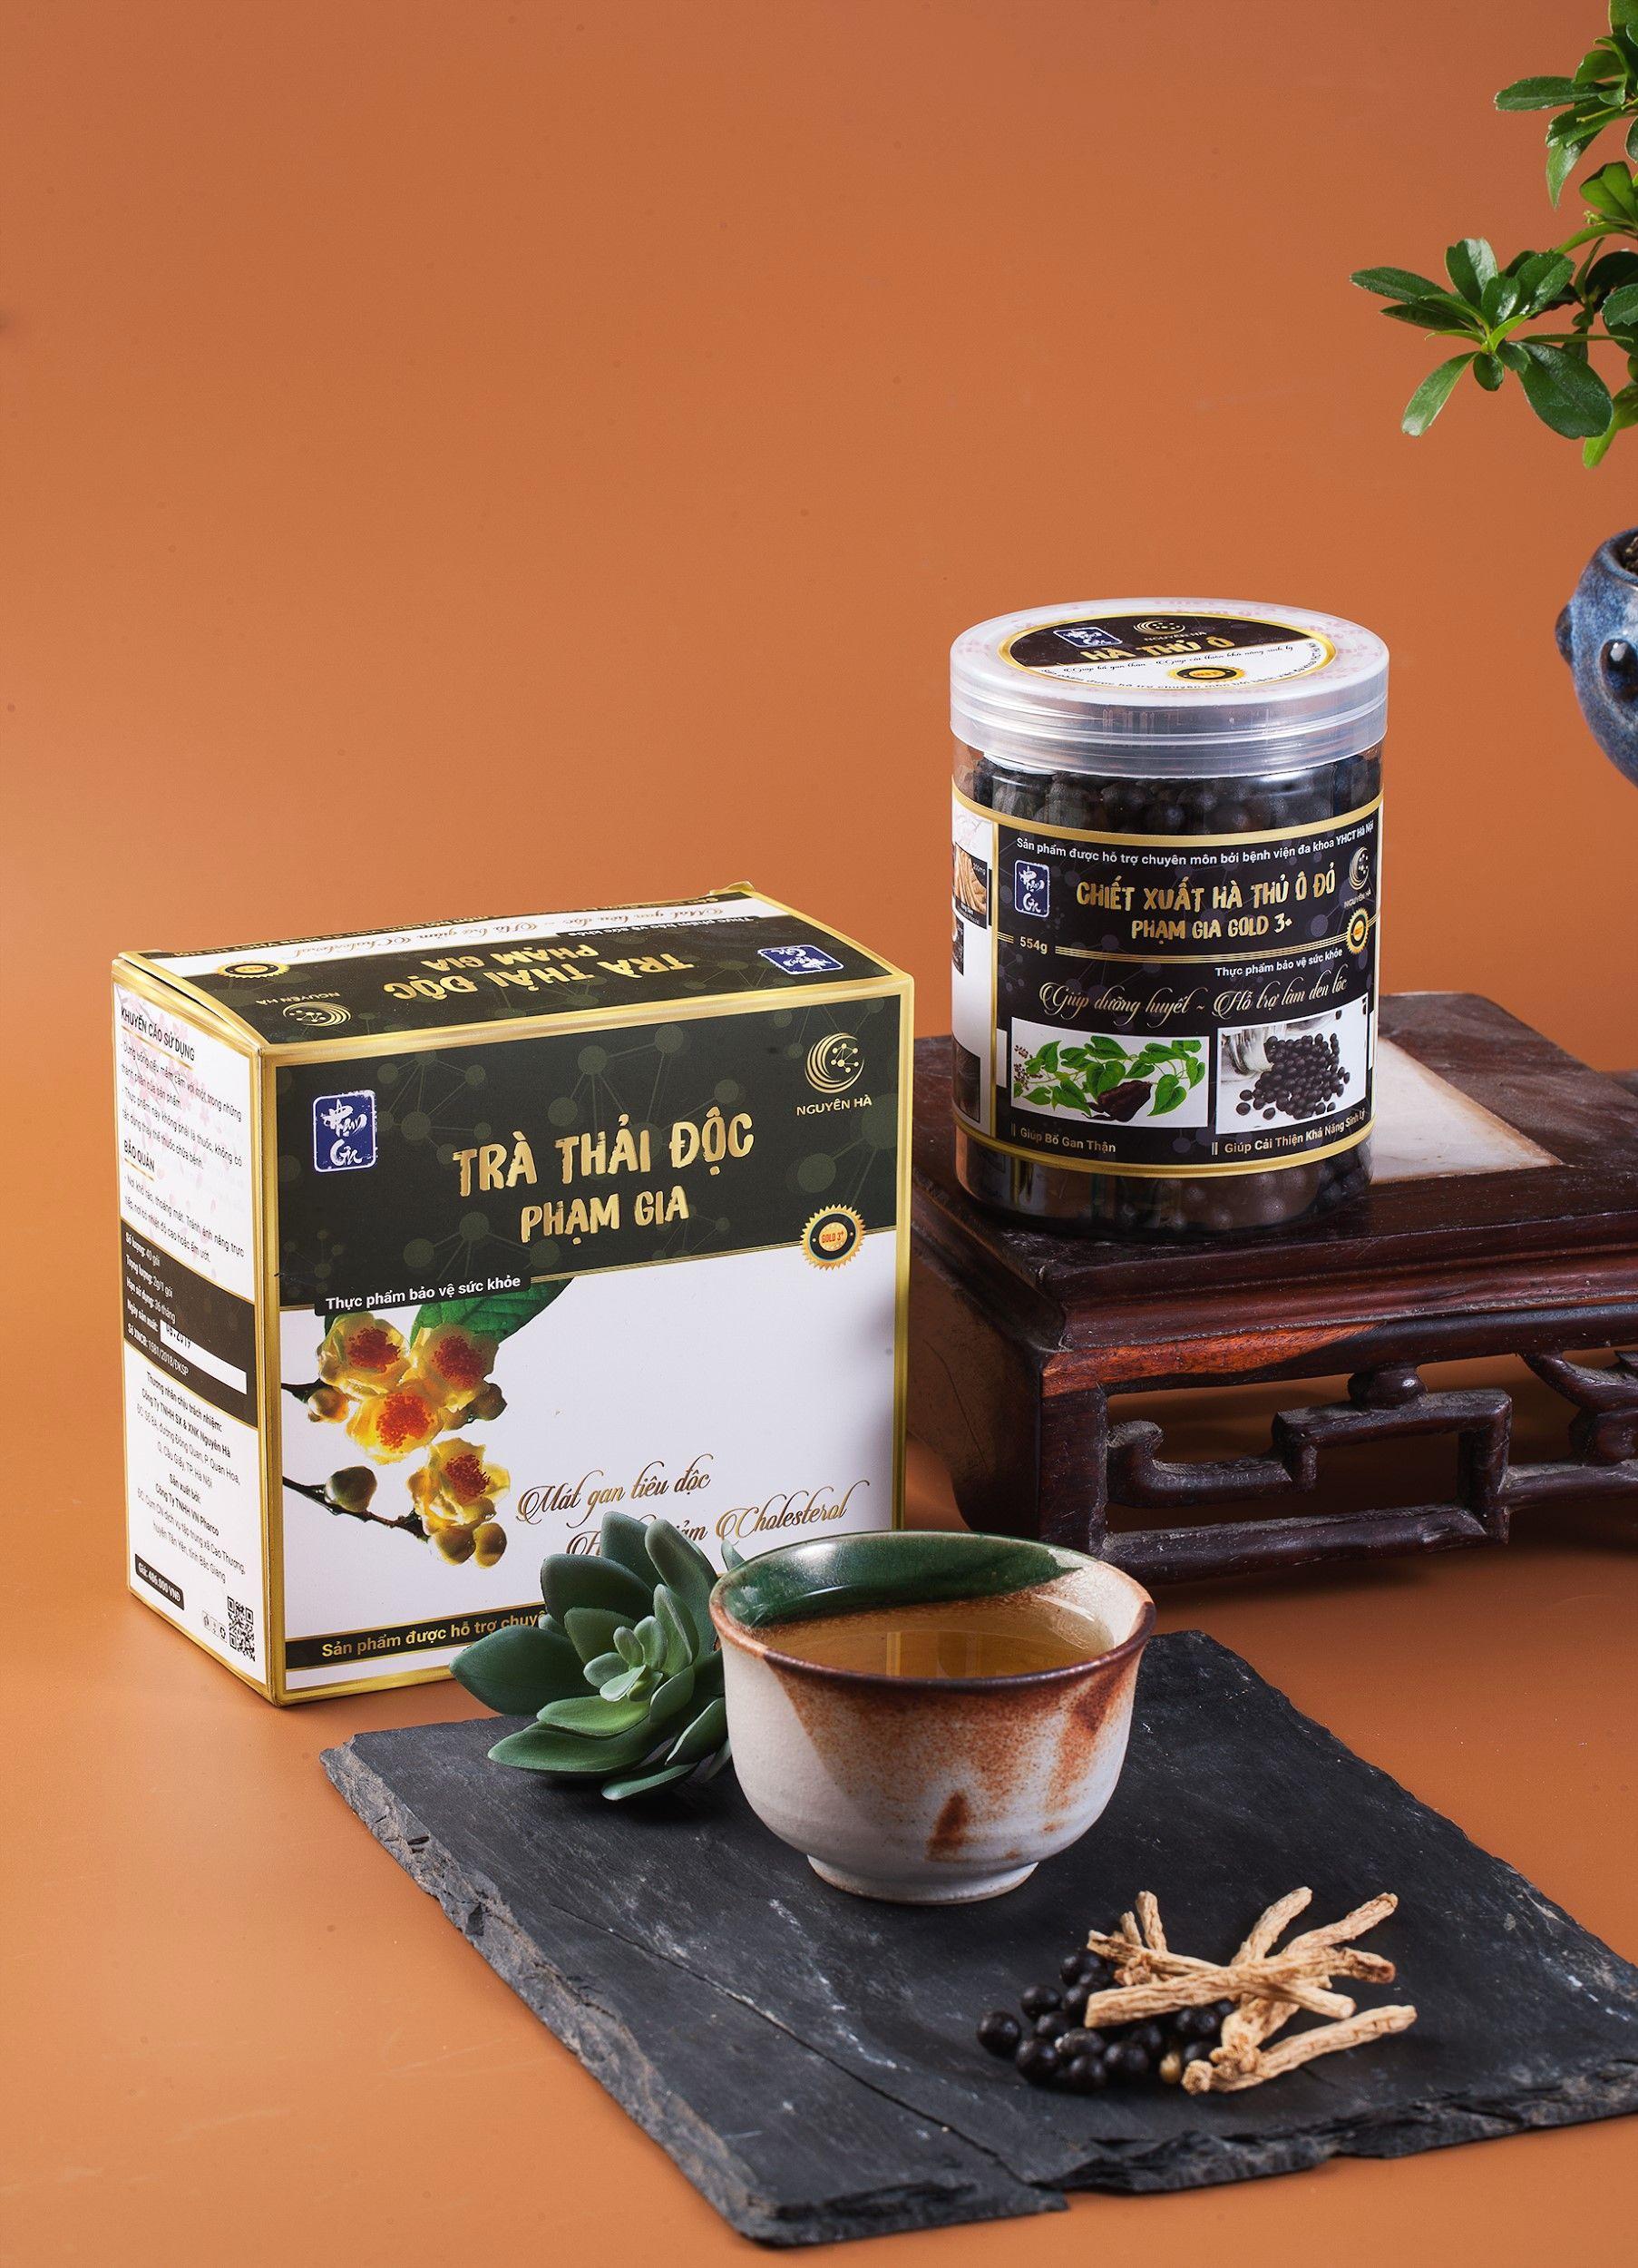 trà thải độc phạm gia